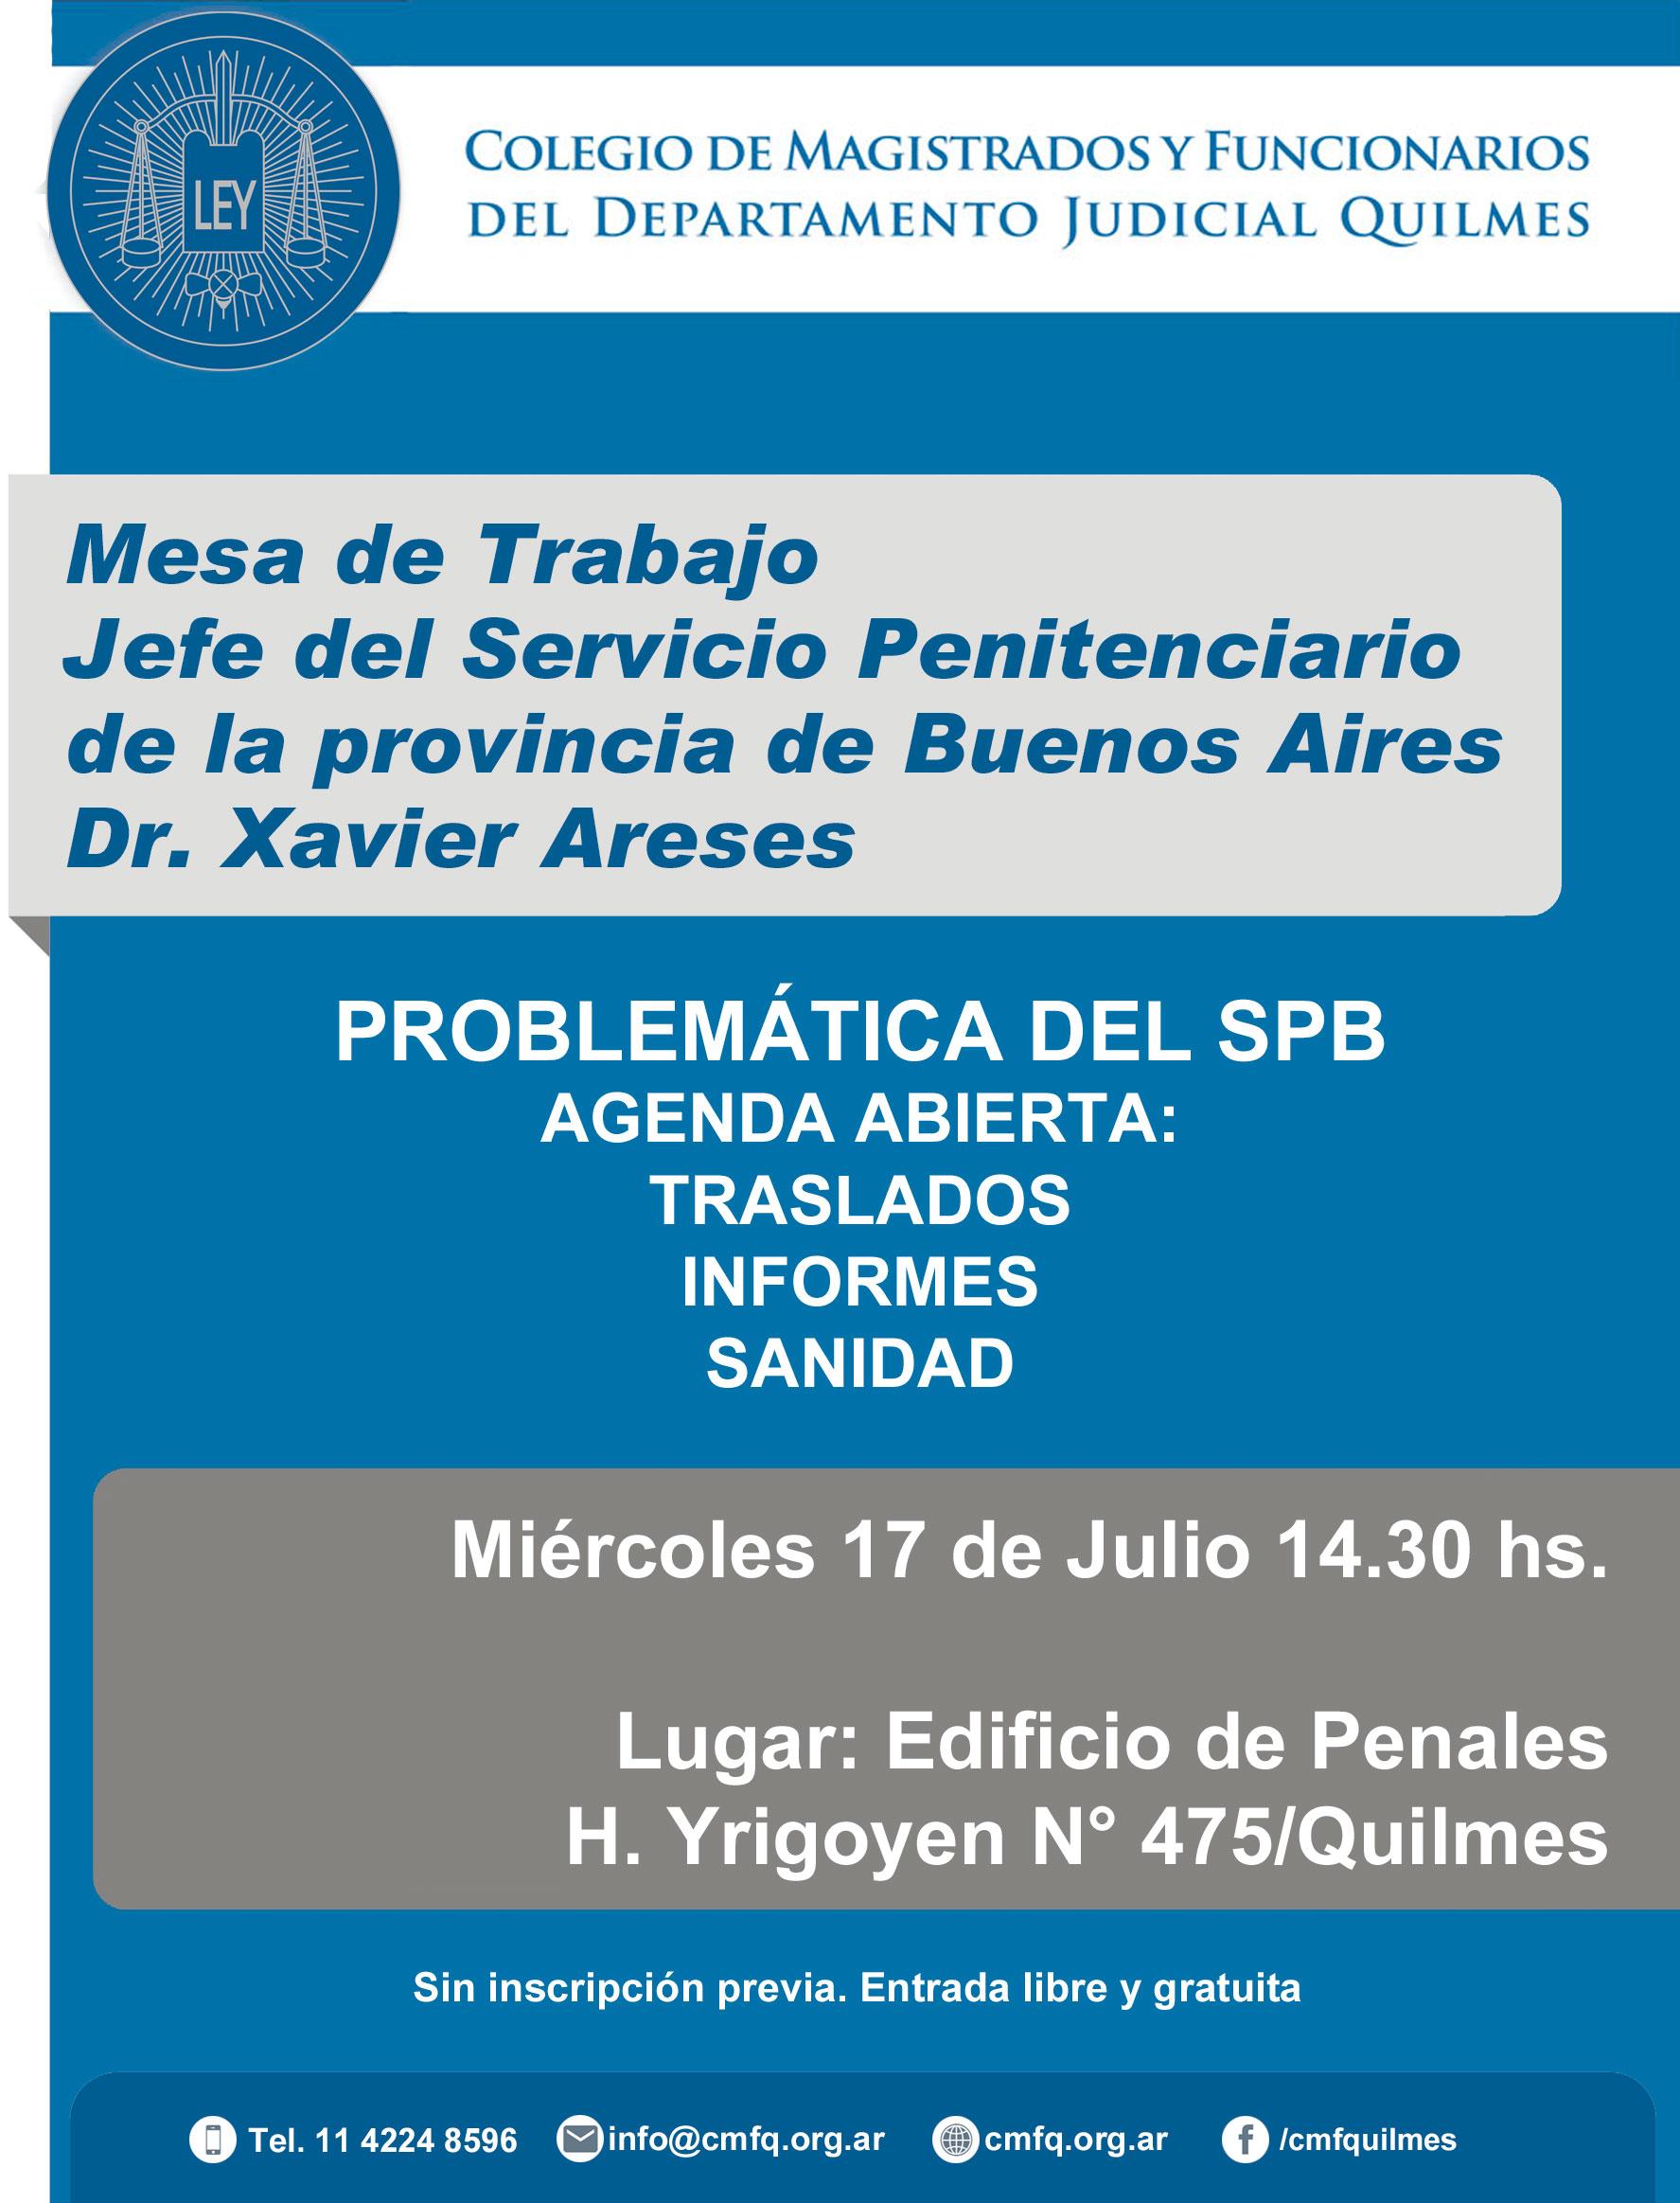 MESA DE TRABAJO//PROBLEMÁTICA DEL SPB//AGENDA ABIERTA:TRASLADOS – INFORME – SANIDAD